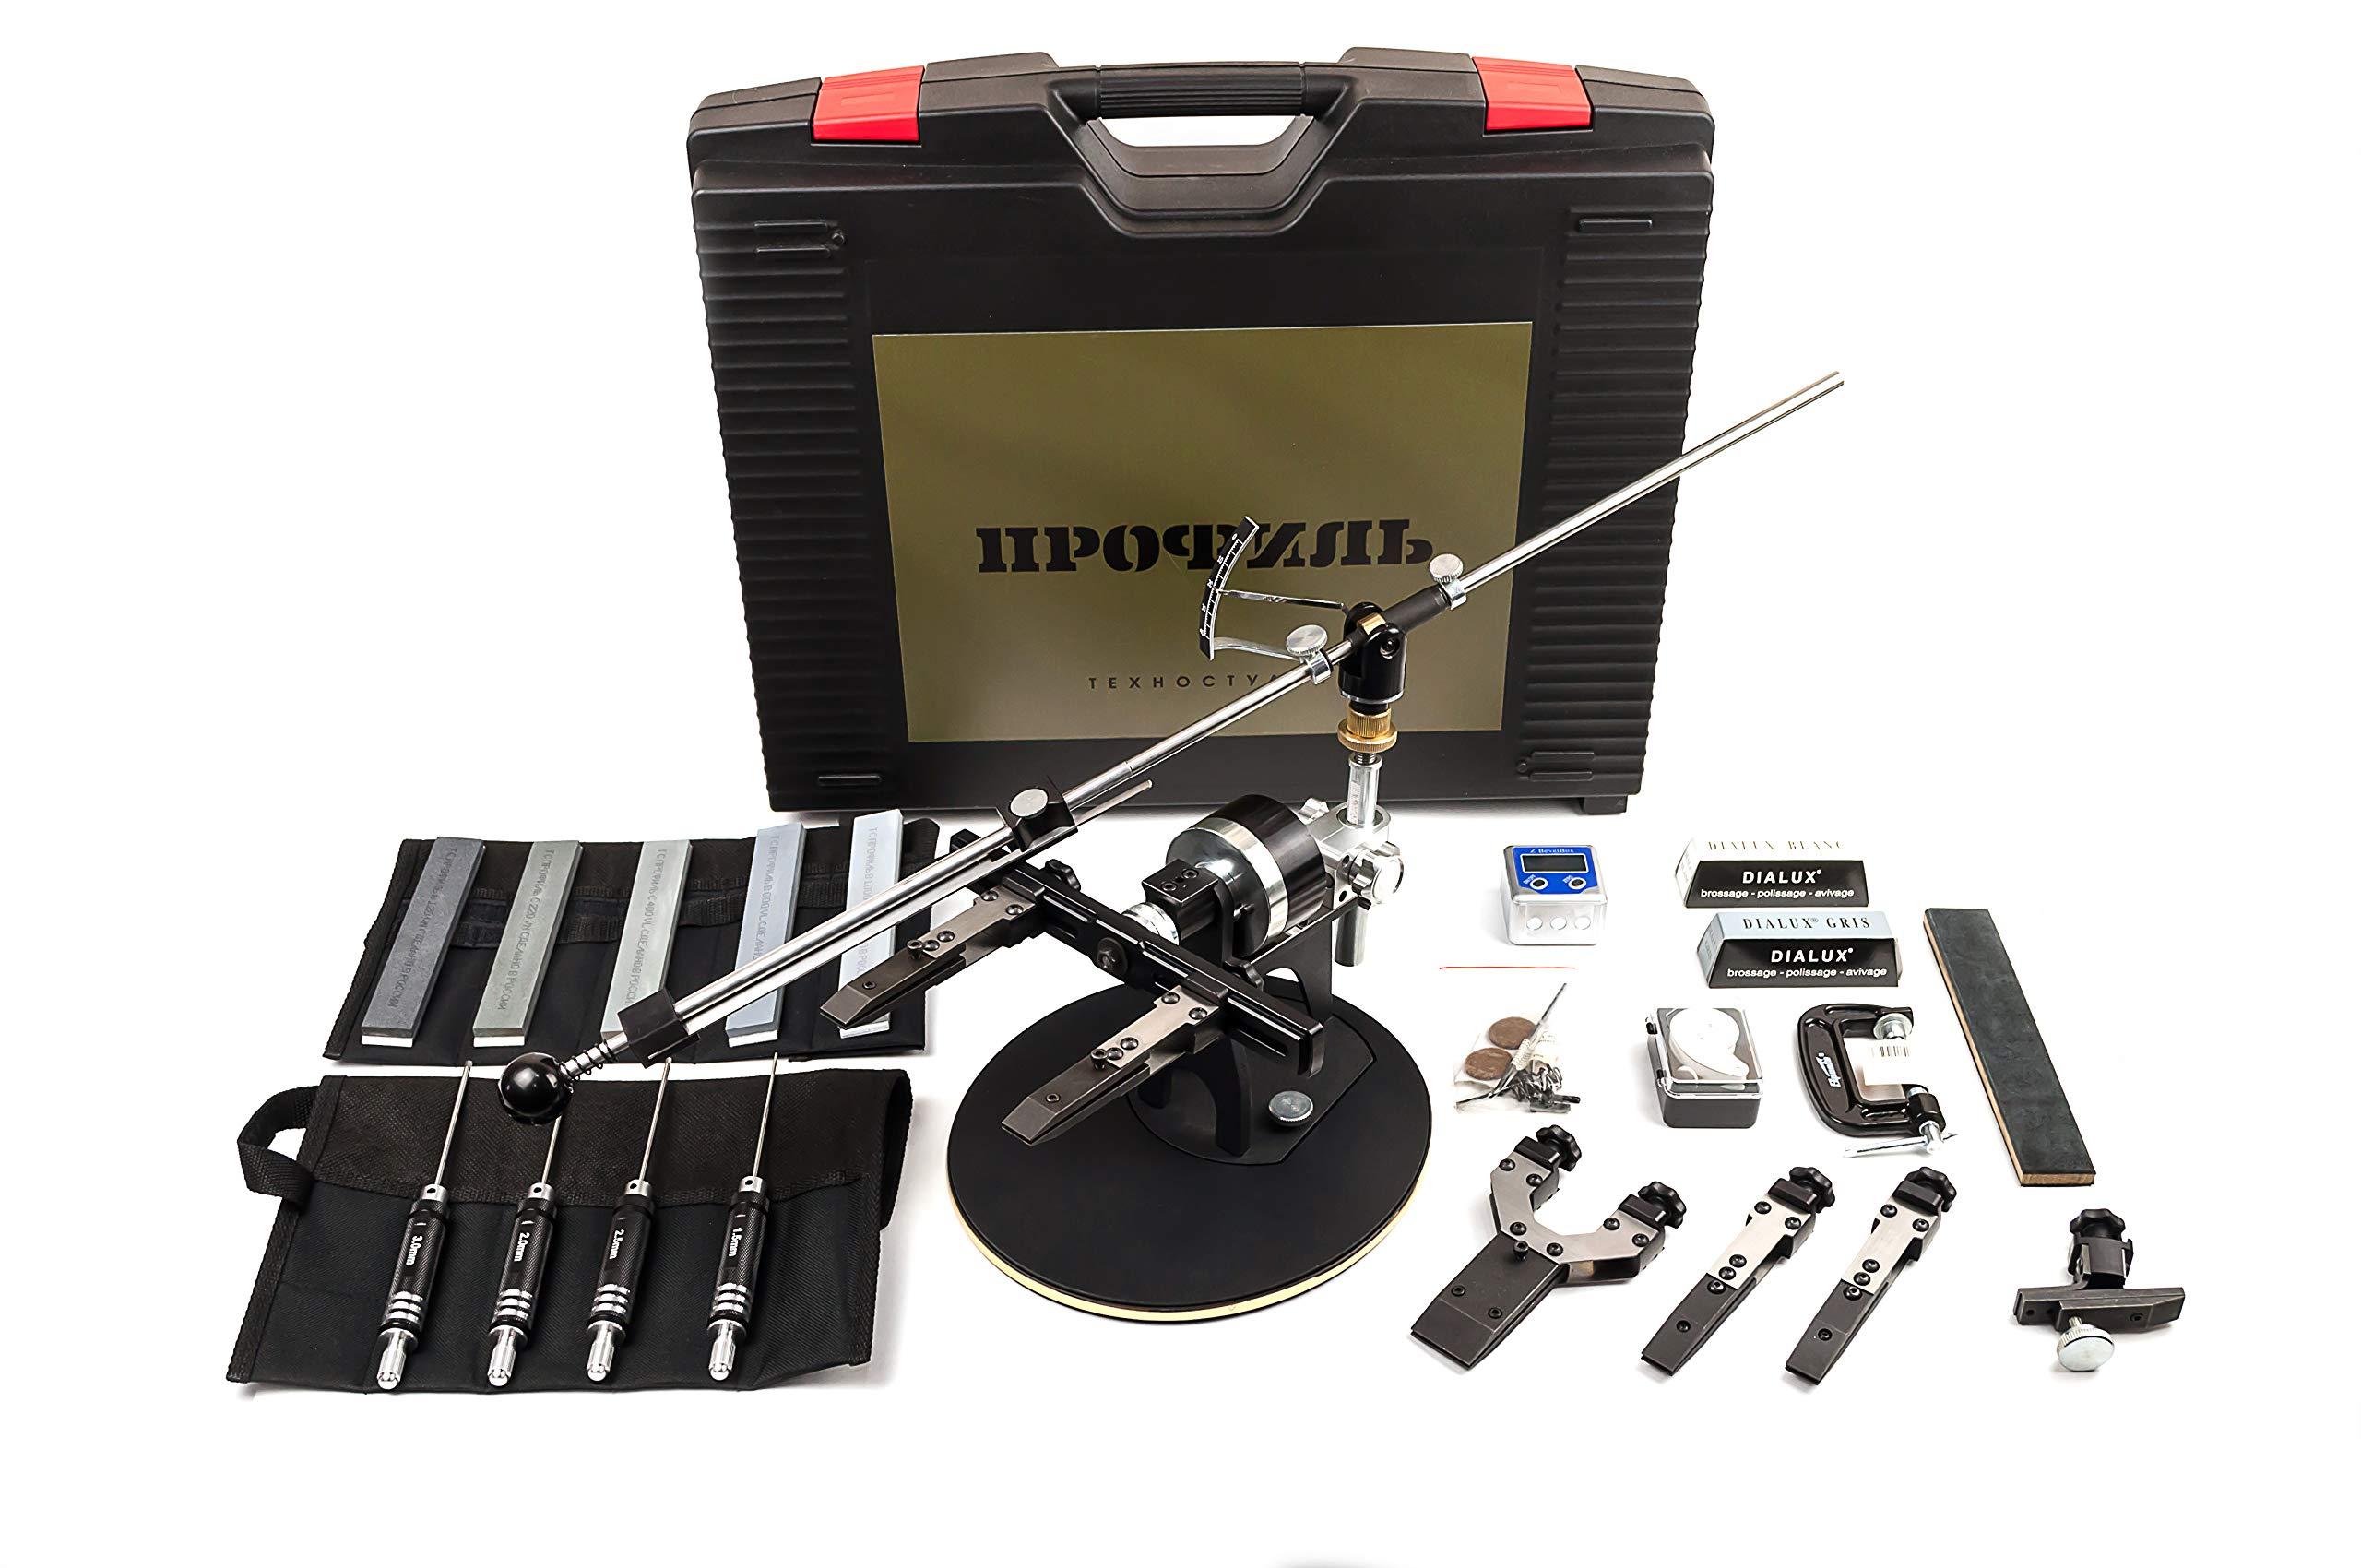 TSPROF Professional Knife Sharpener System, Knife Sharpening Kit, Gift Kit Black K03 (K02LU)